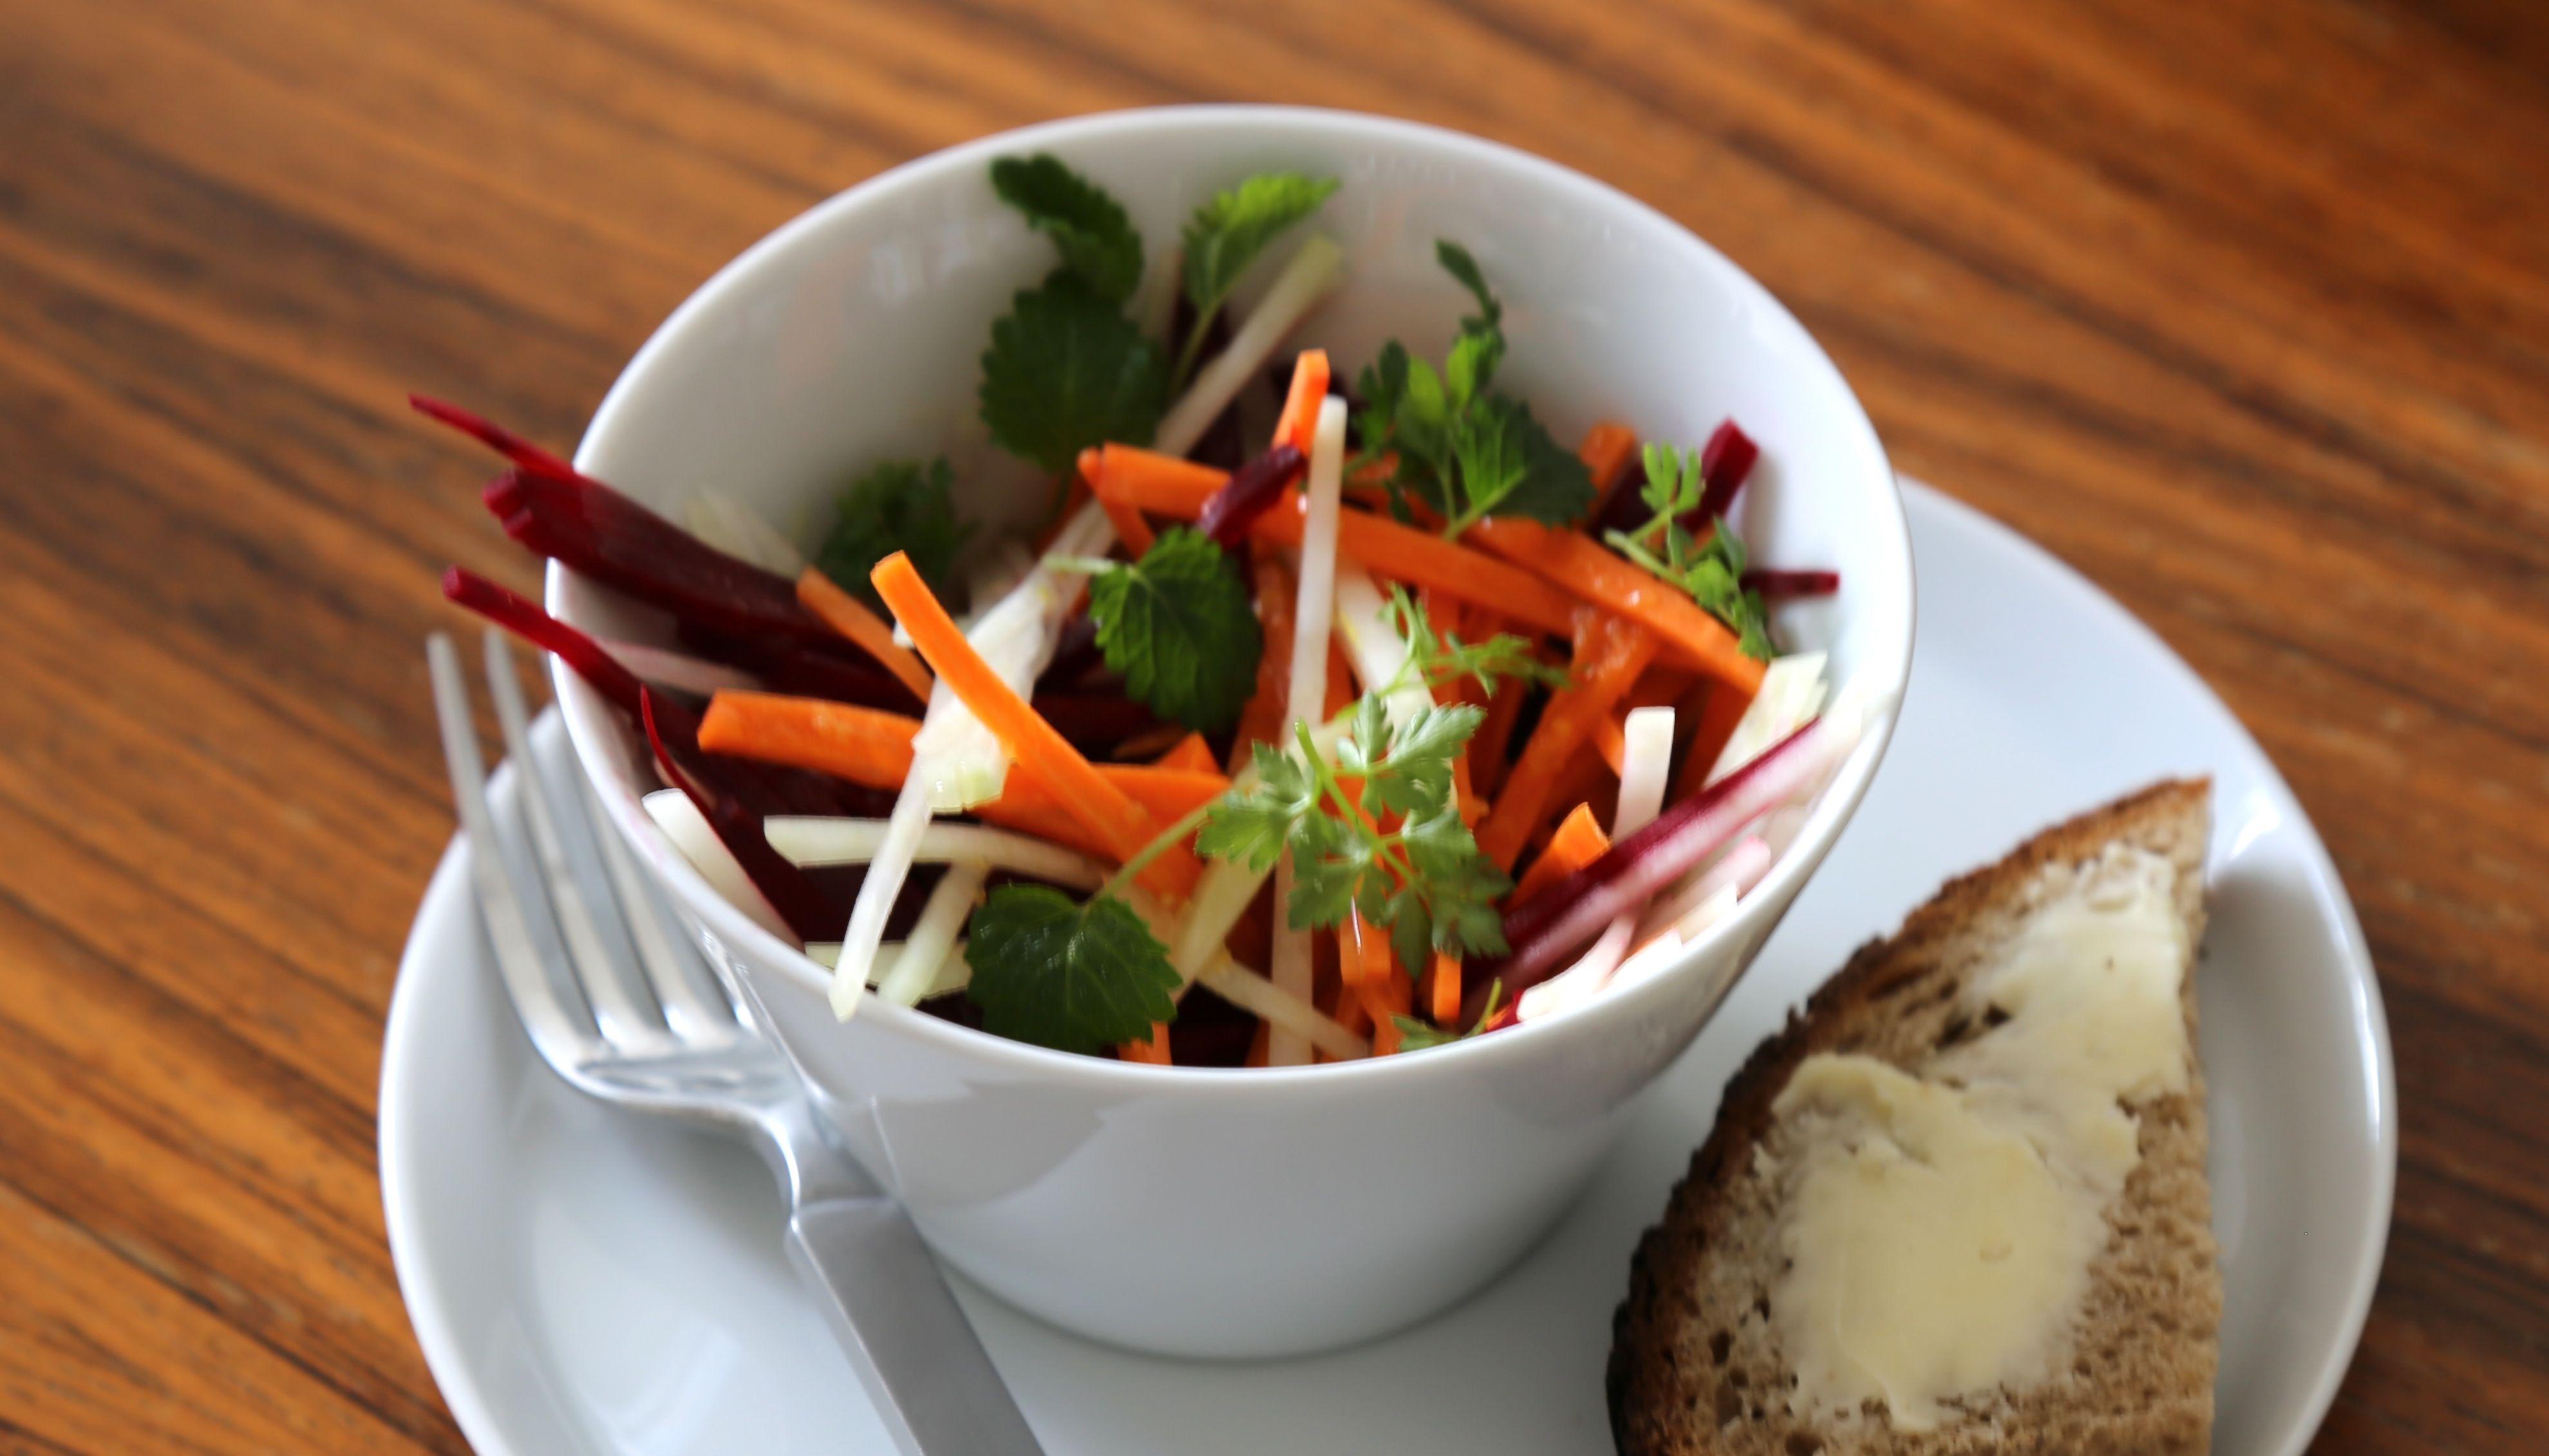 salat anbauen salat anbauen zeitpunkt von der sorte abh. Black Bedroom Furniture Sets. Home Design Ideas